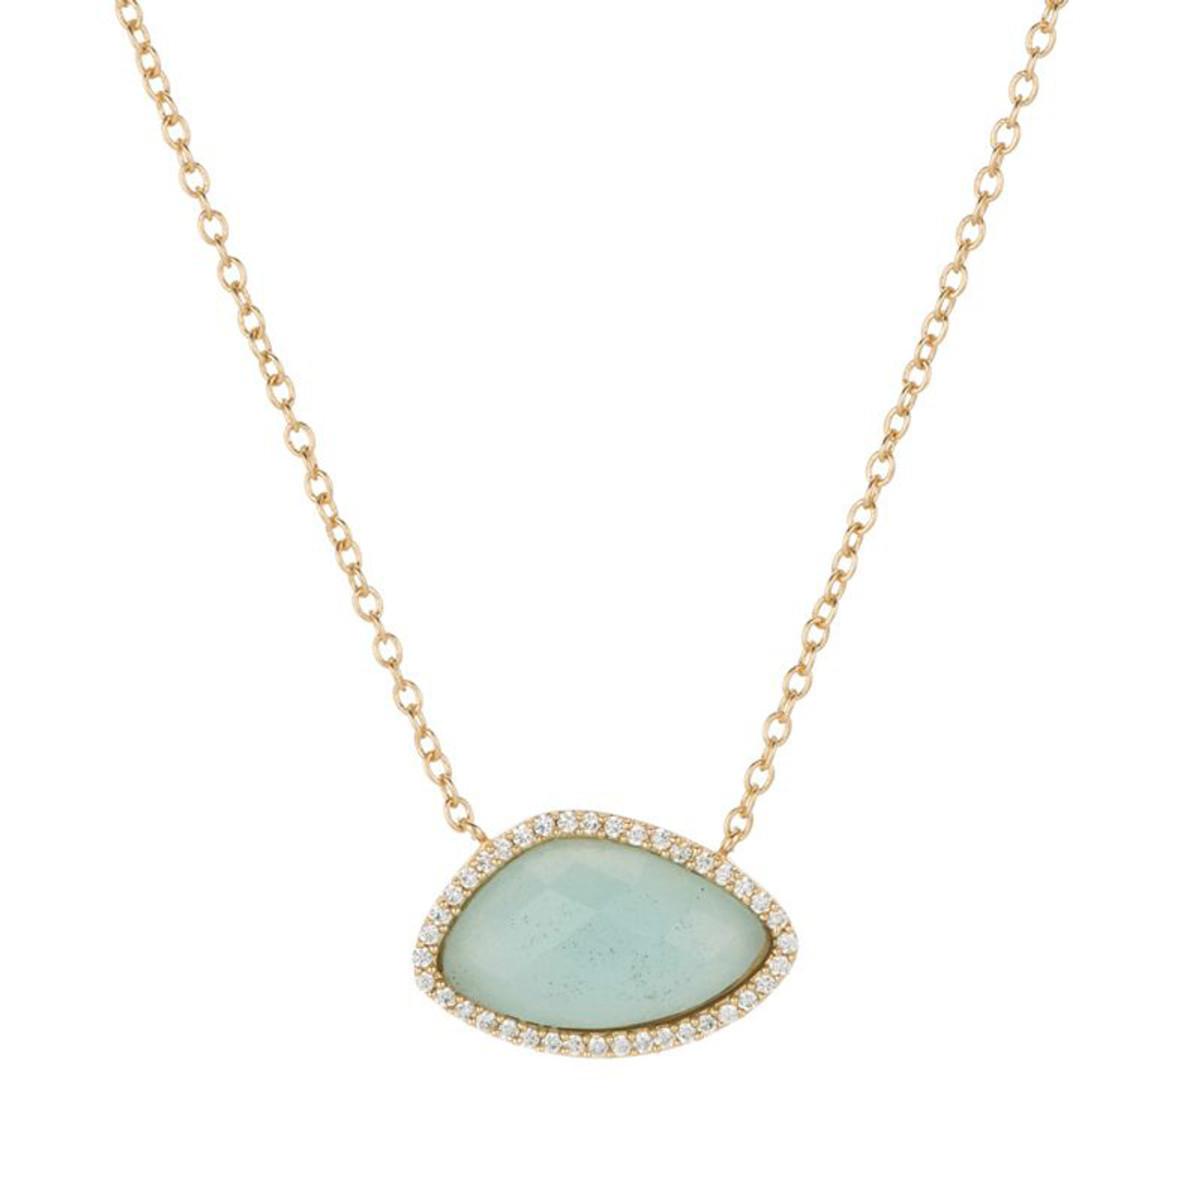 Marcia Moran Blue Necklace Valencia